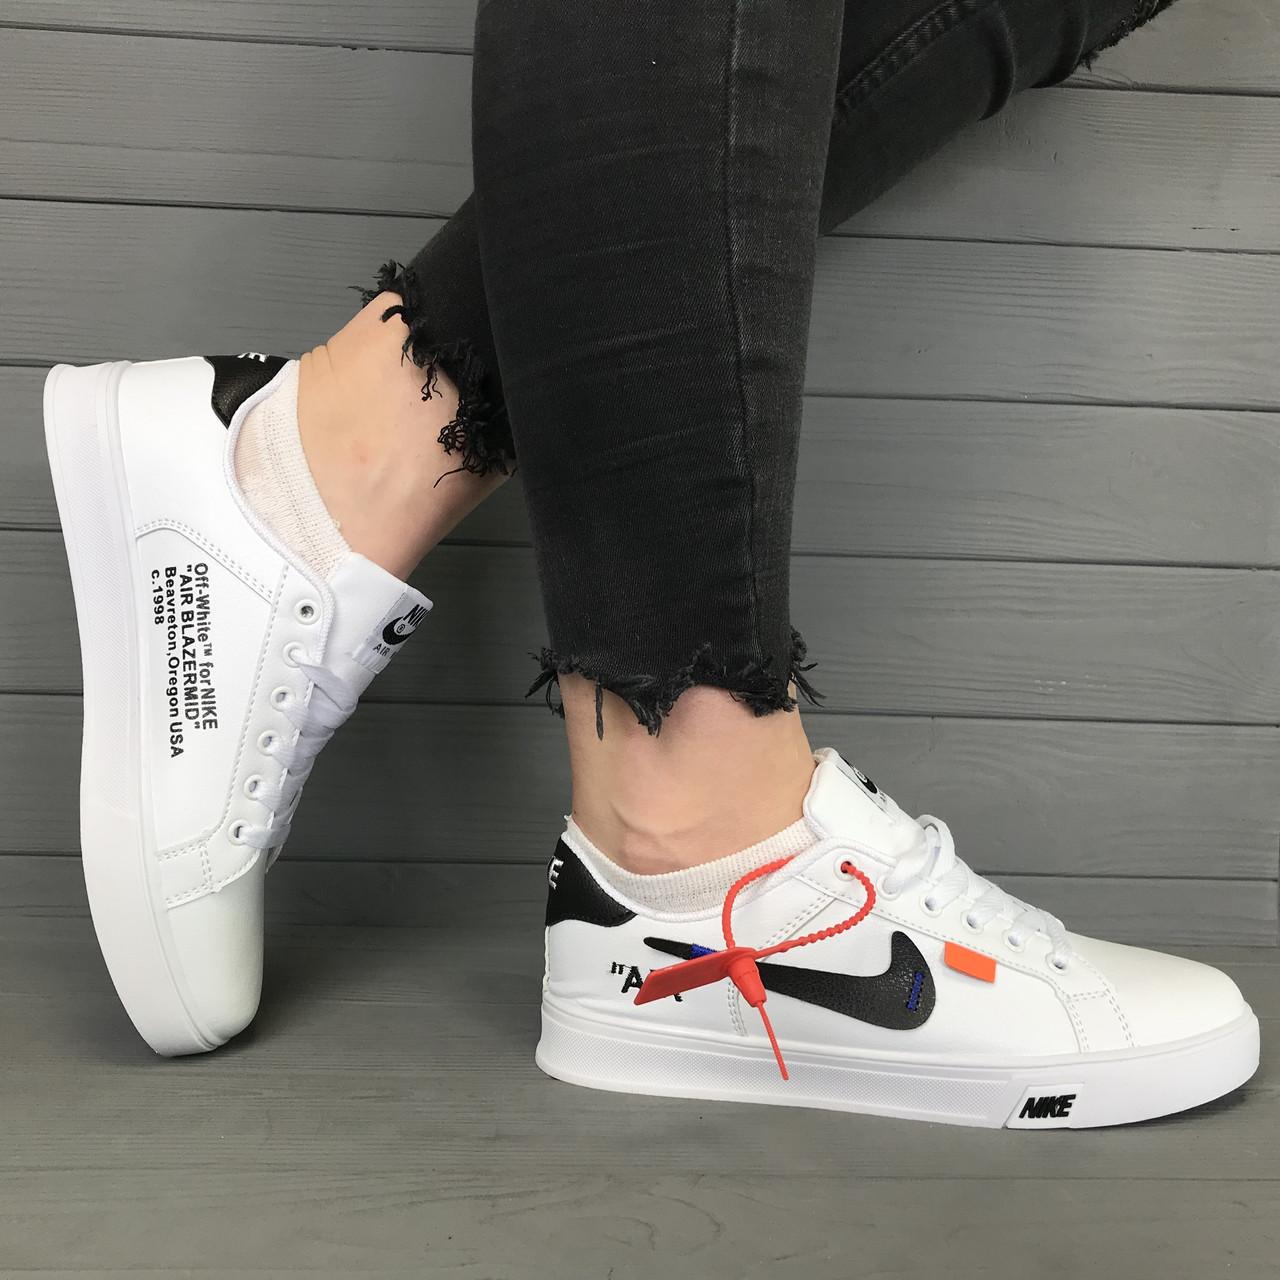 Кроссовки женские в стиле Nike Air белые с черным логотипом